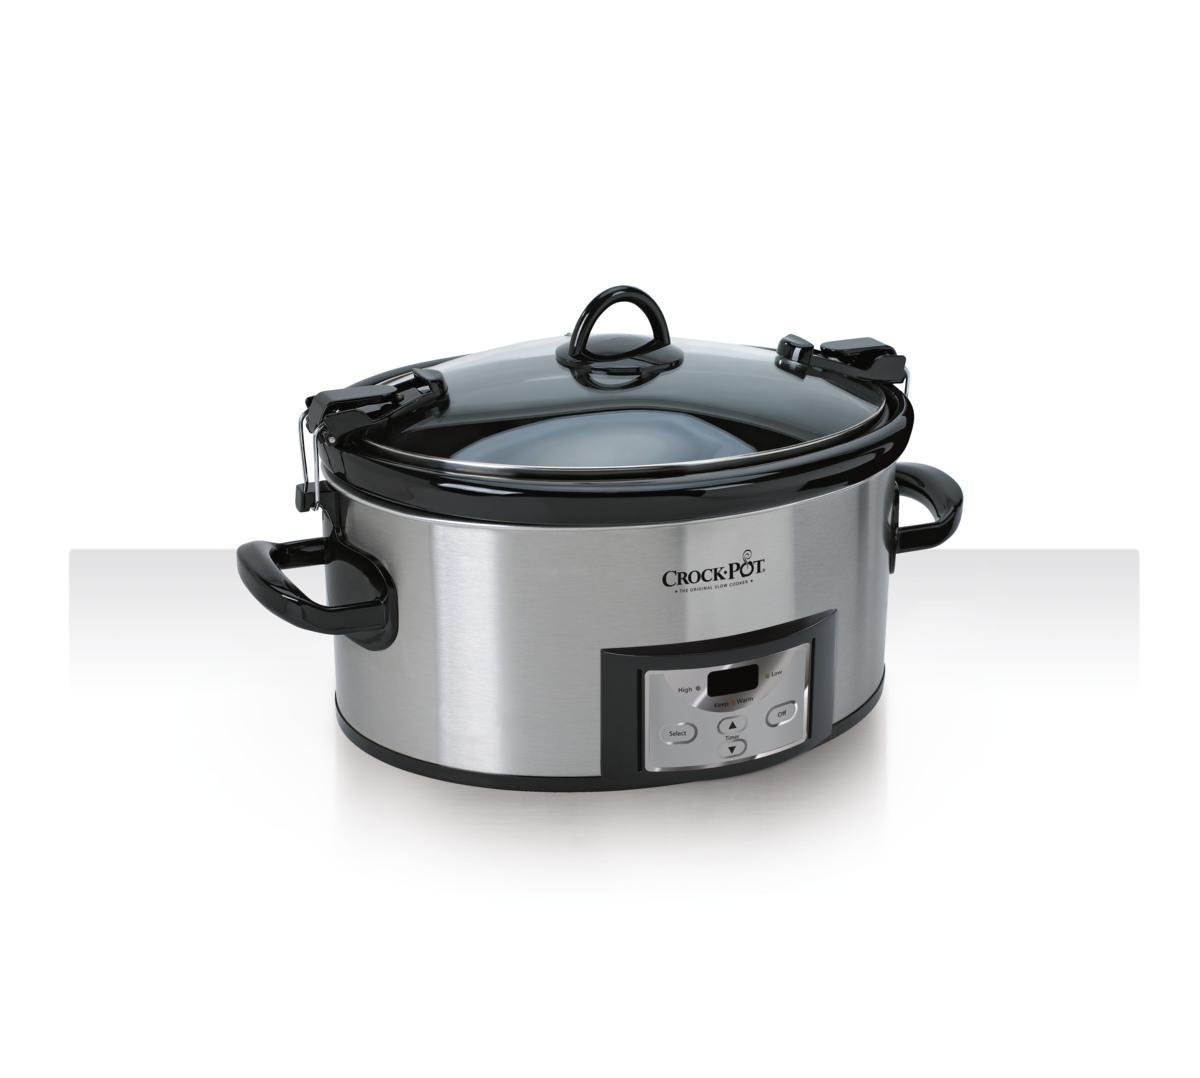 crock pot oval slow cooker with handles 6 quart stainless steel timer digital ebay. Black Bedroom Furniture Sets. Home Design Ideas